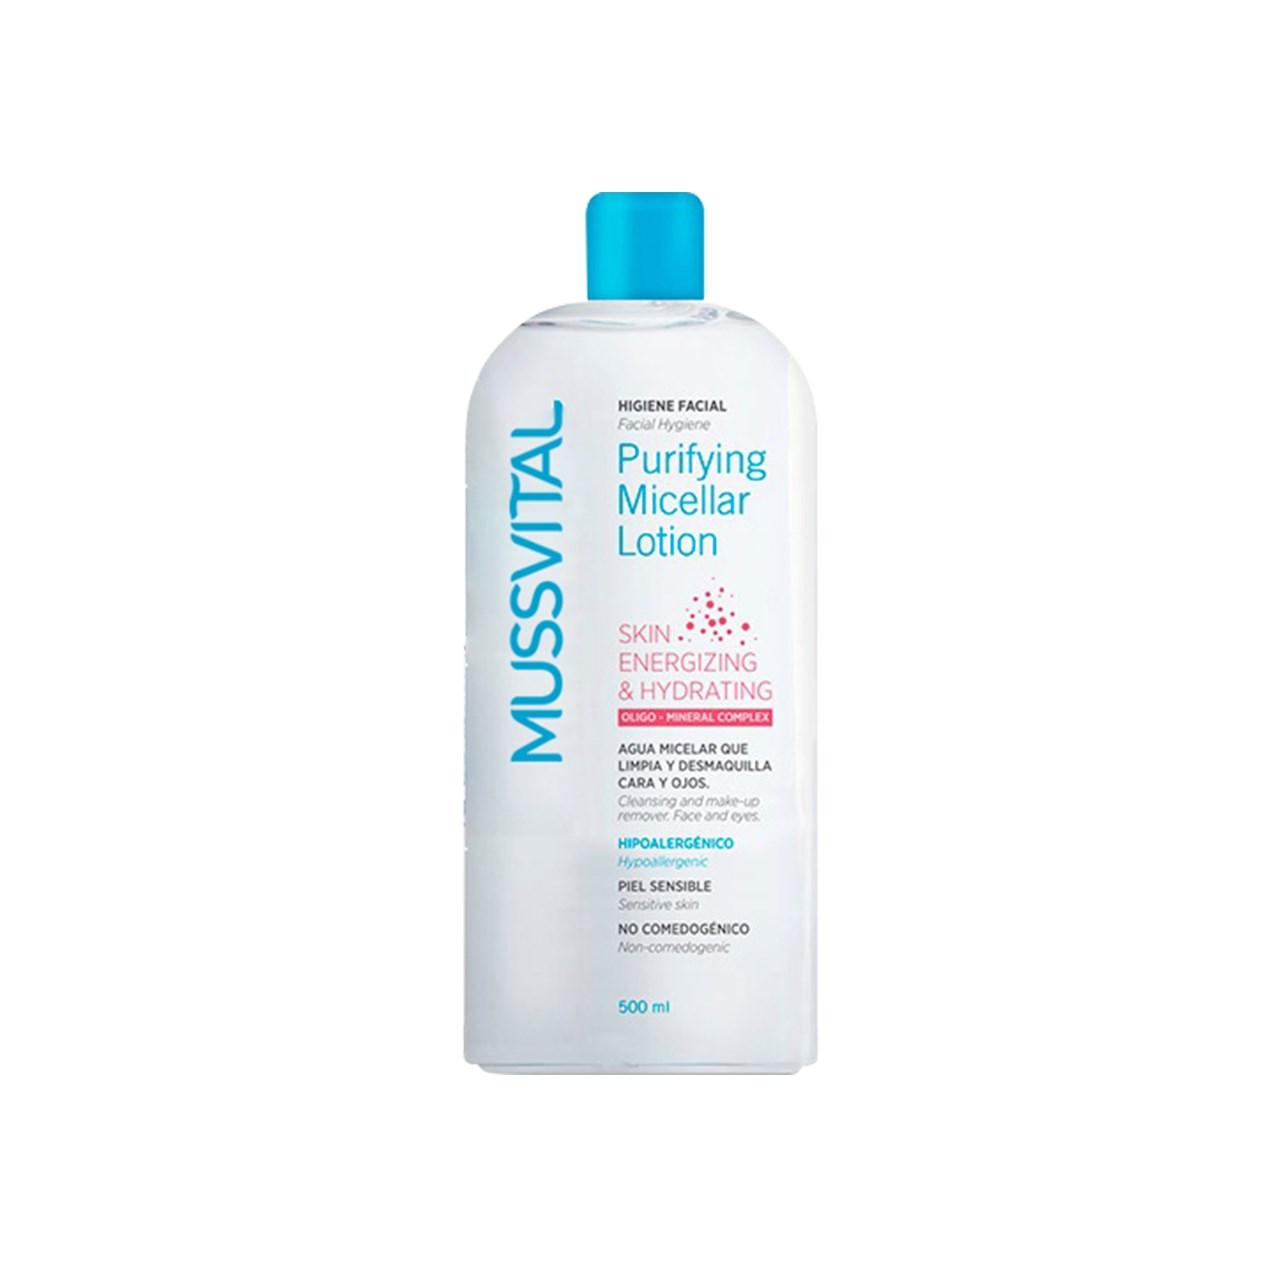 محلول پاک کننده آرایش و شست و شوی پوست موسویتال مدل Purifying Micellar Lotion بدون نیاز به آبکشی حجم 500 میلی لیتر